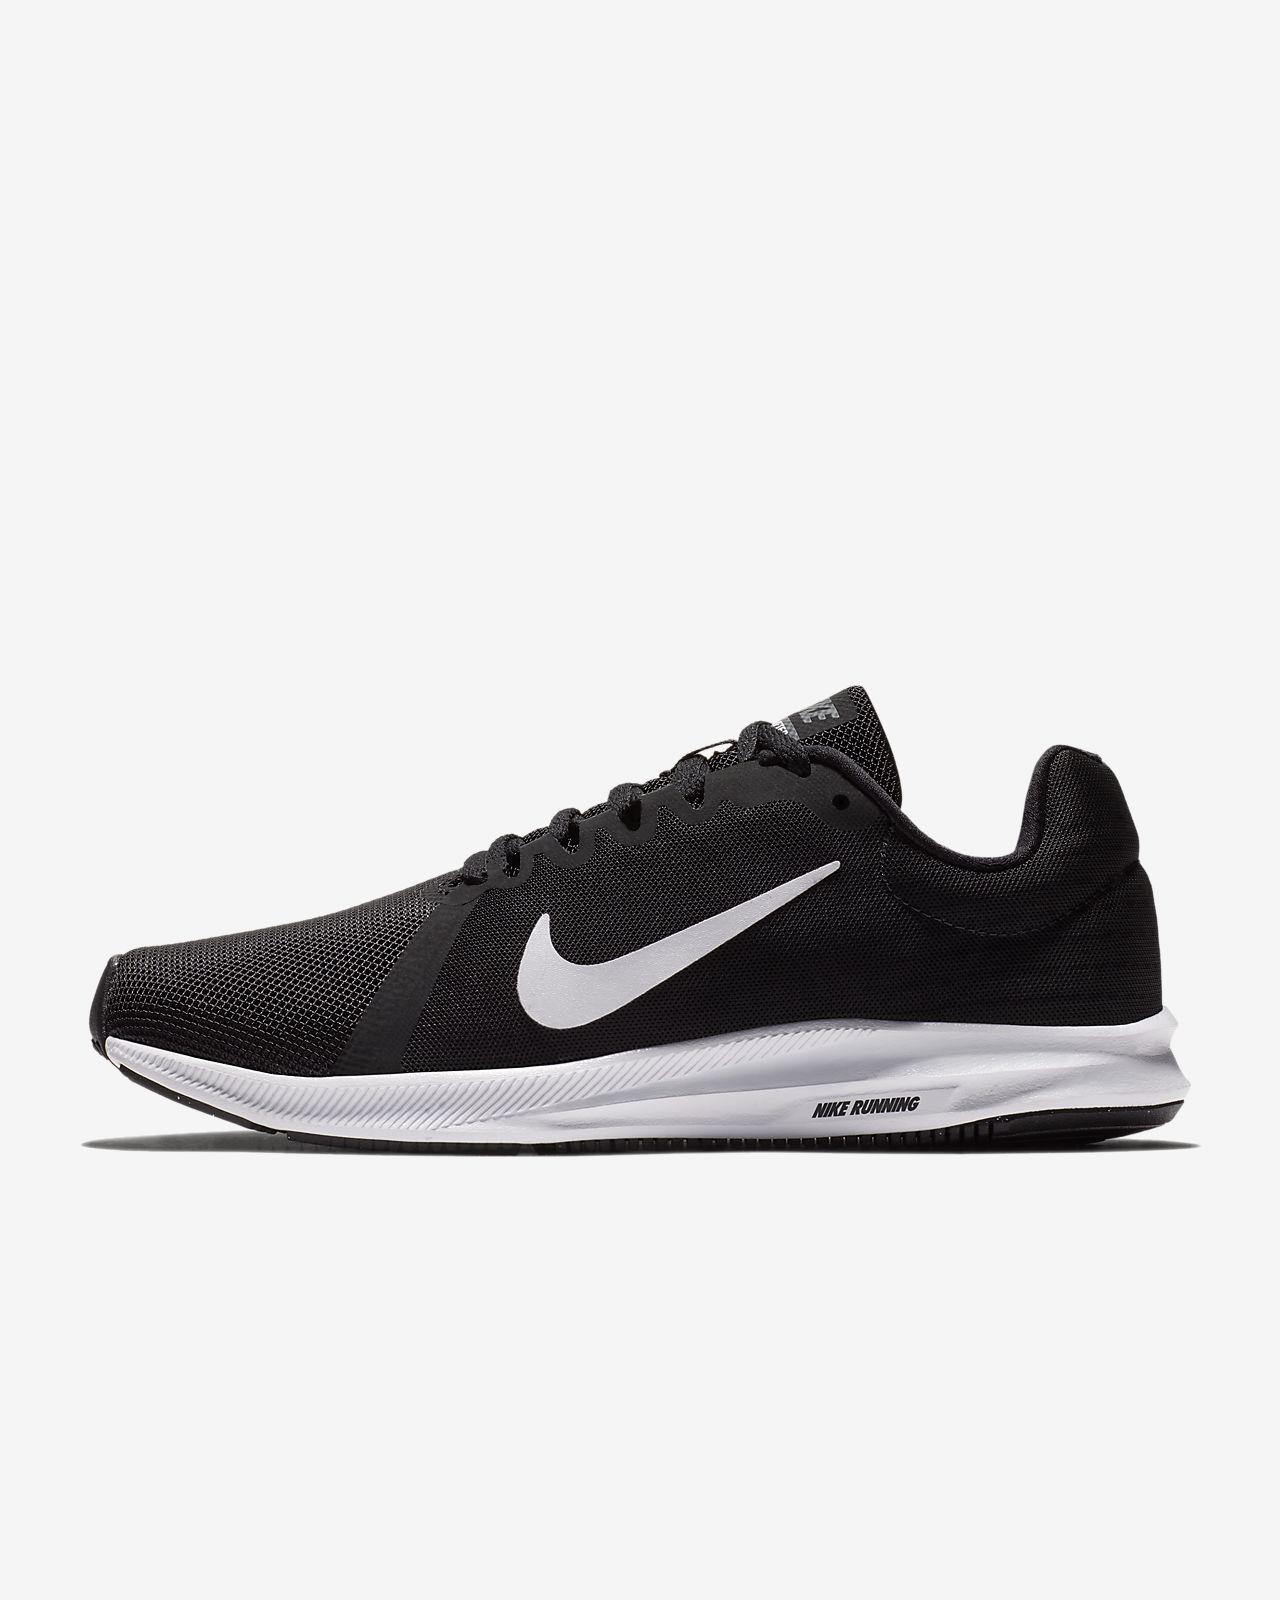 8e10cc36997fe Nike Downshifter 8 Women s Running Shoe. Nike.com LU